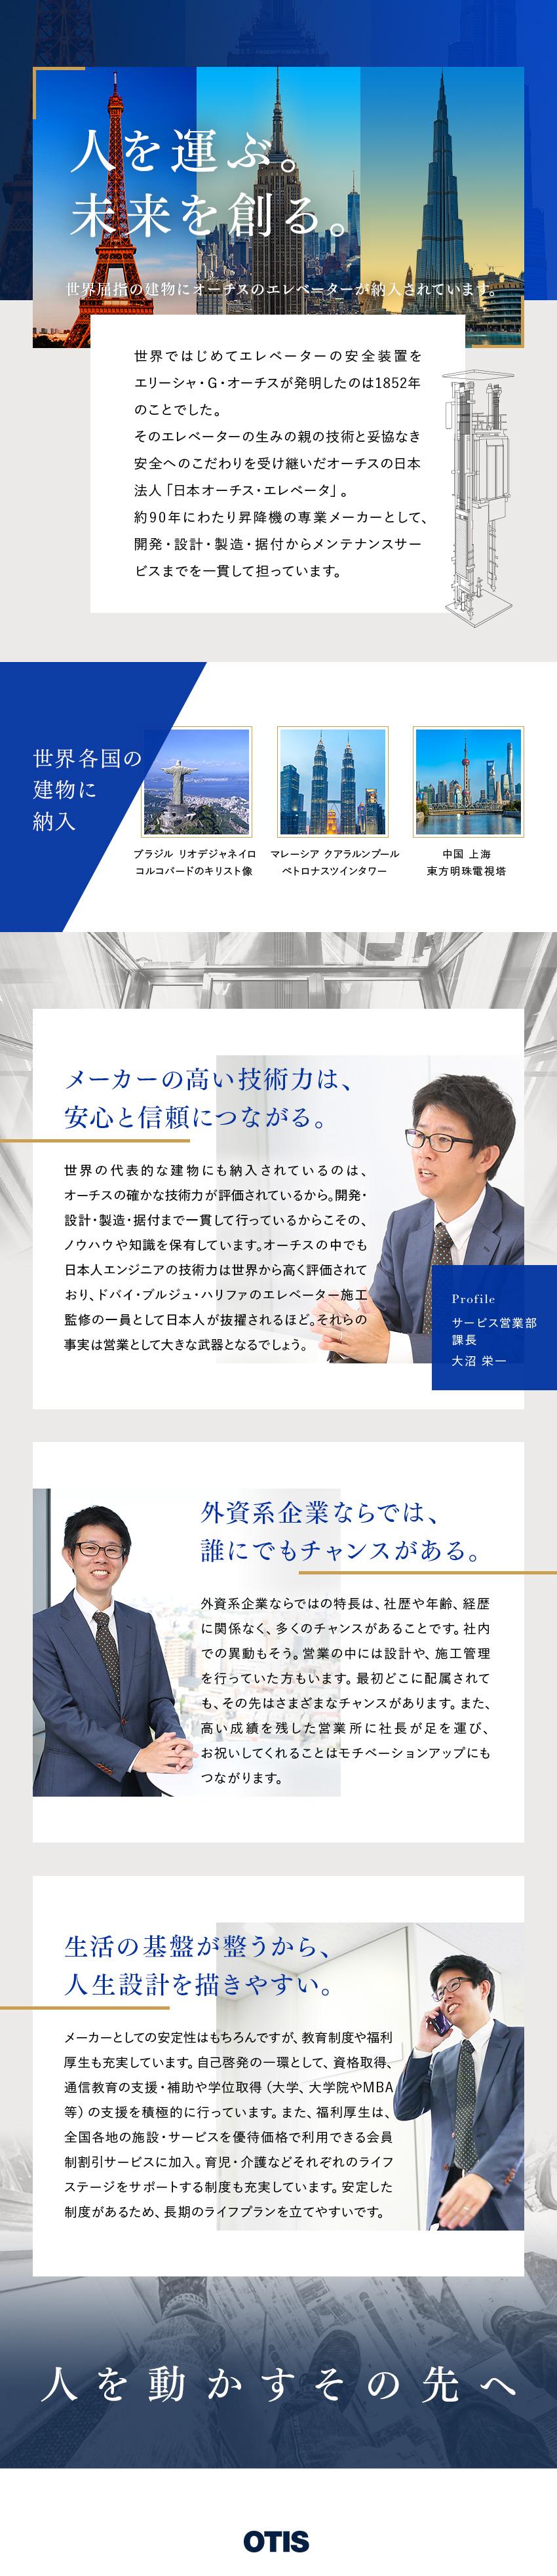 エレベータ 日本 オーチス